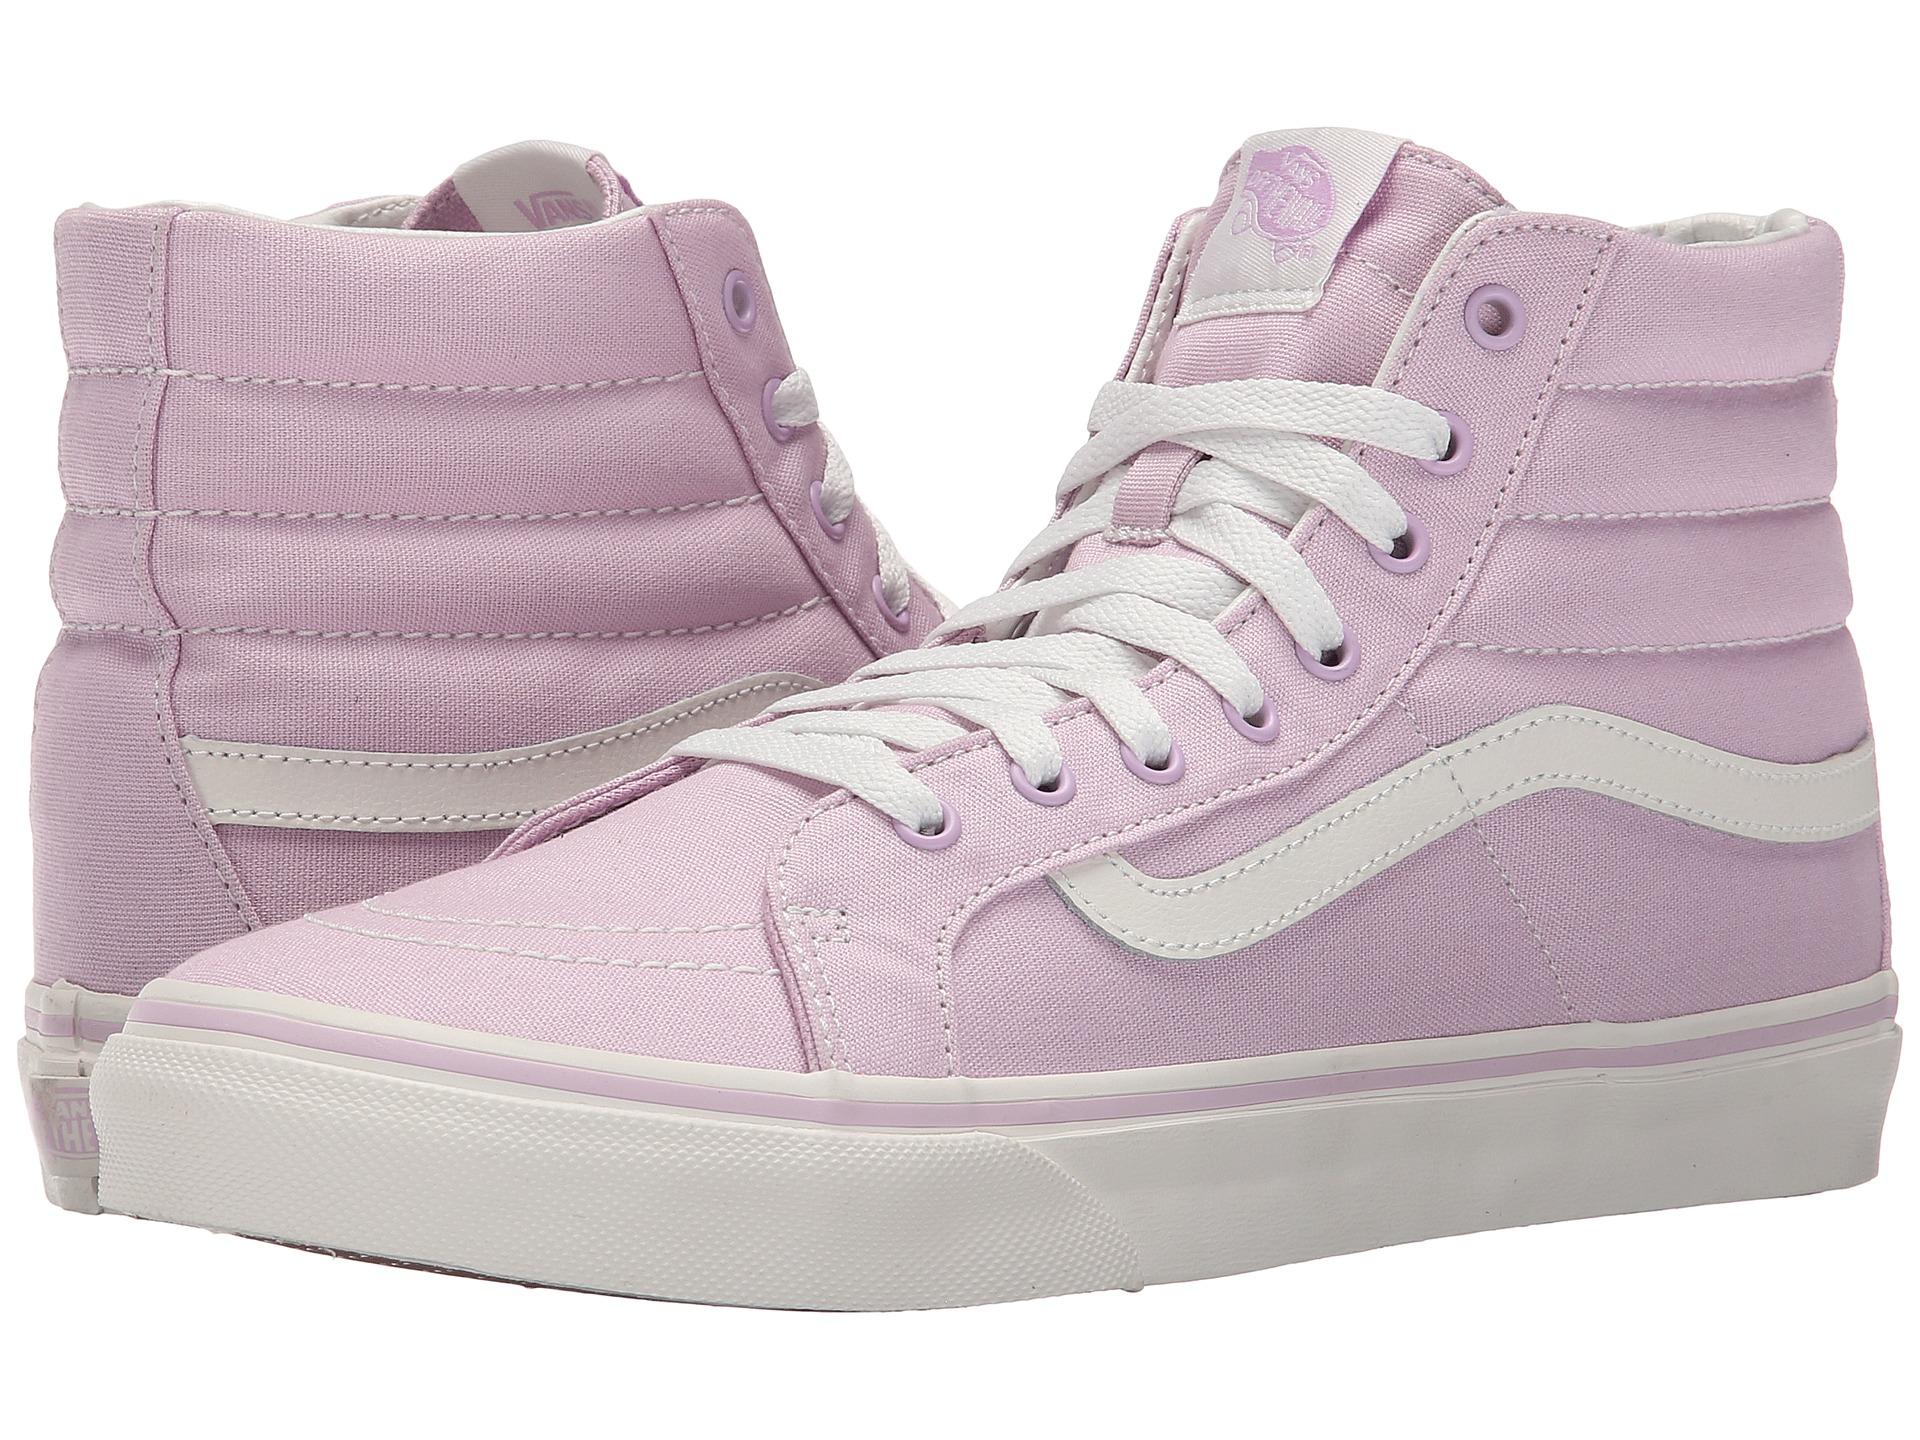 256ff1d58a1 Lyst - Vans Sk8-hi Slim in Purple